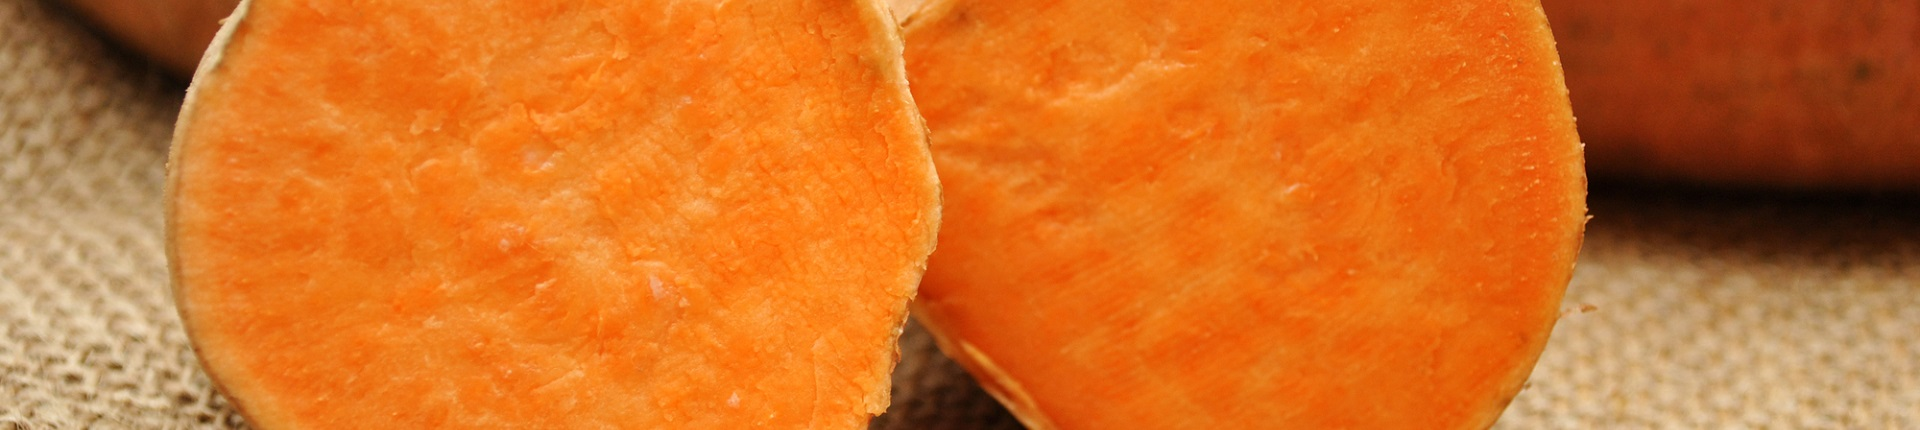 Ziemniaki czy bataty? Porównanie okiem dietetyka